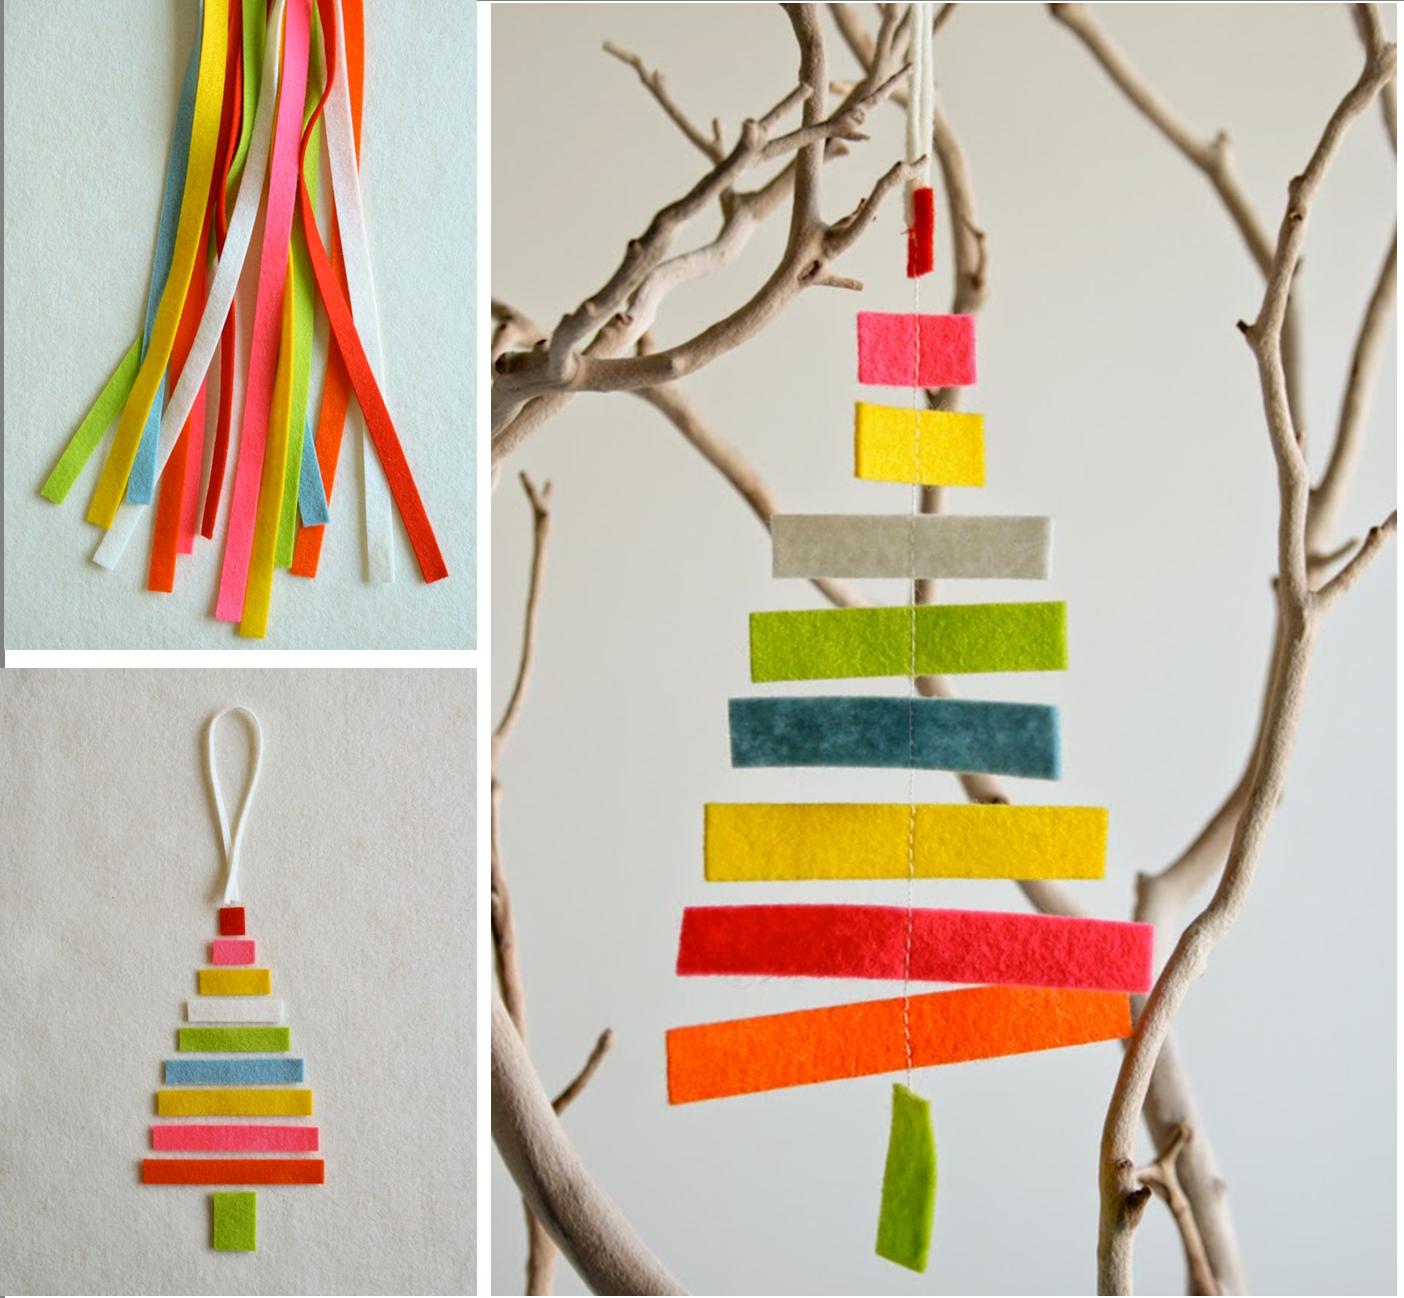 Adornos arbol de navidad manualidades diy 1 imagenes for Cosas para hacer de navidad faciles